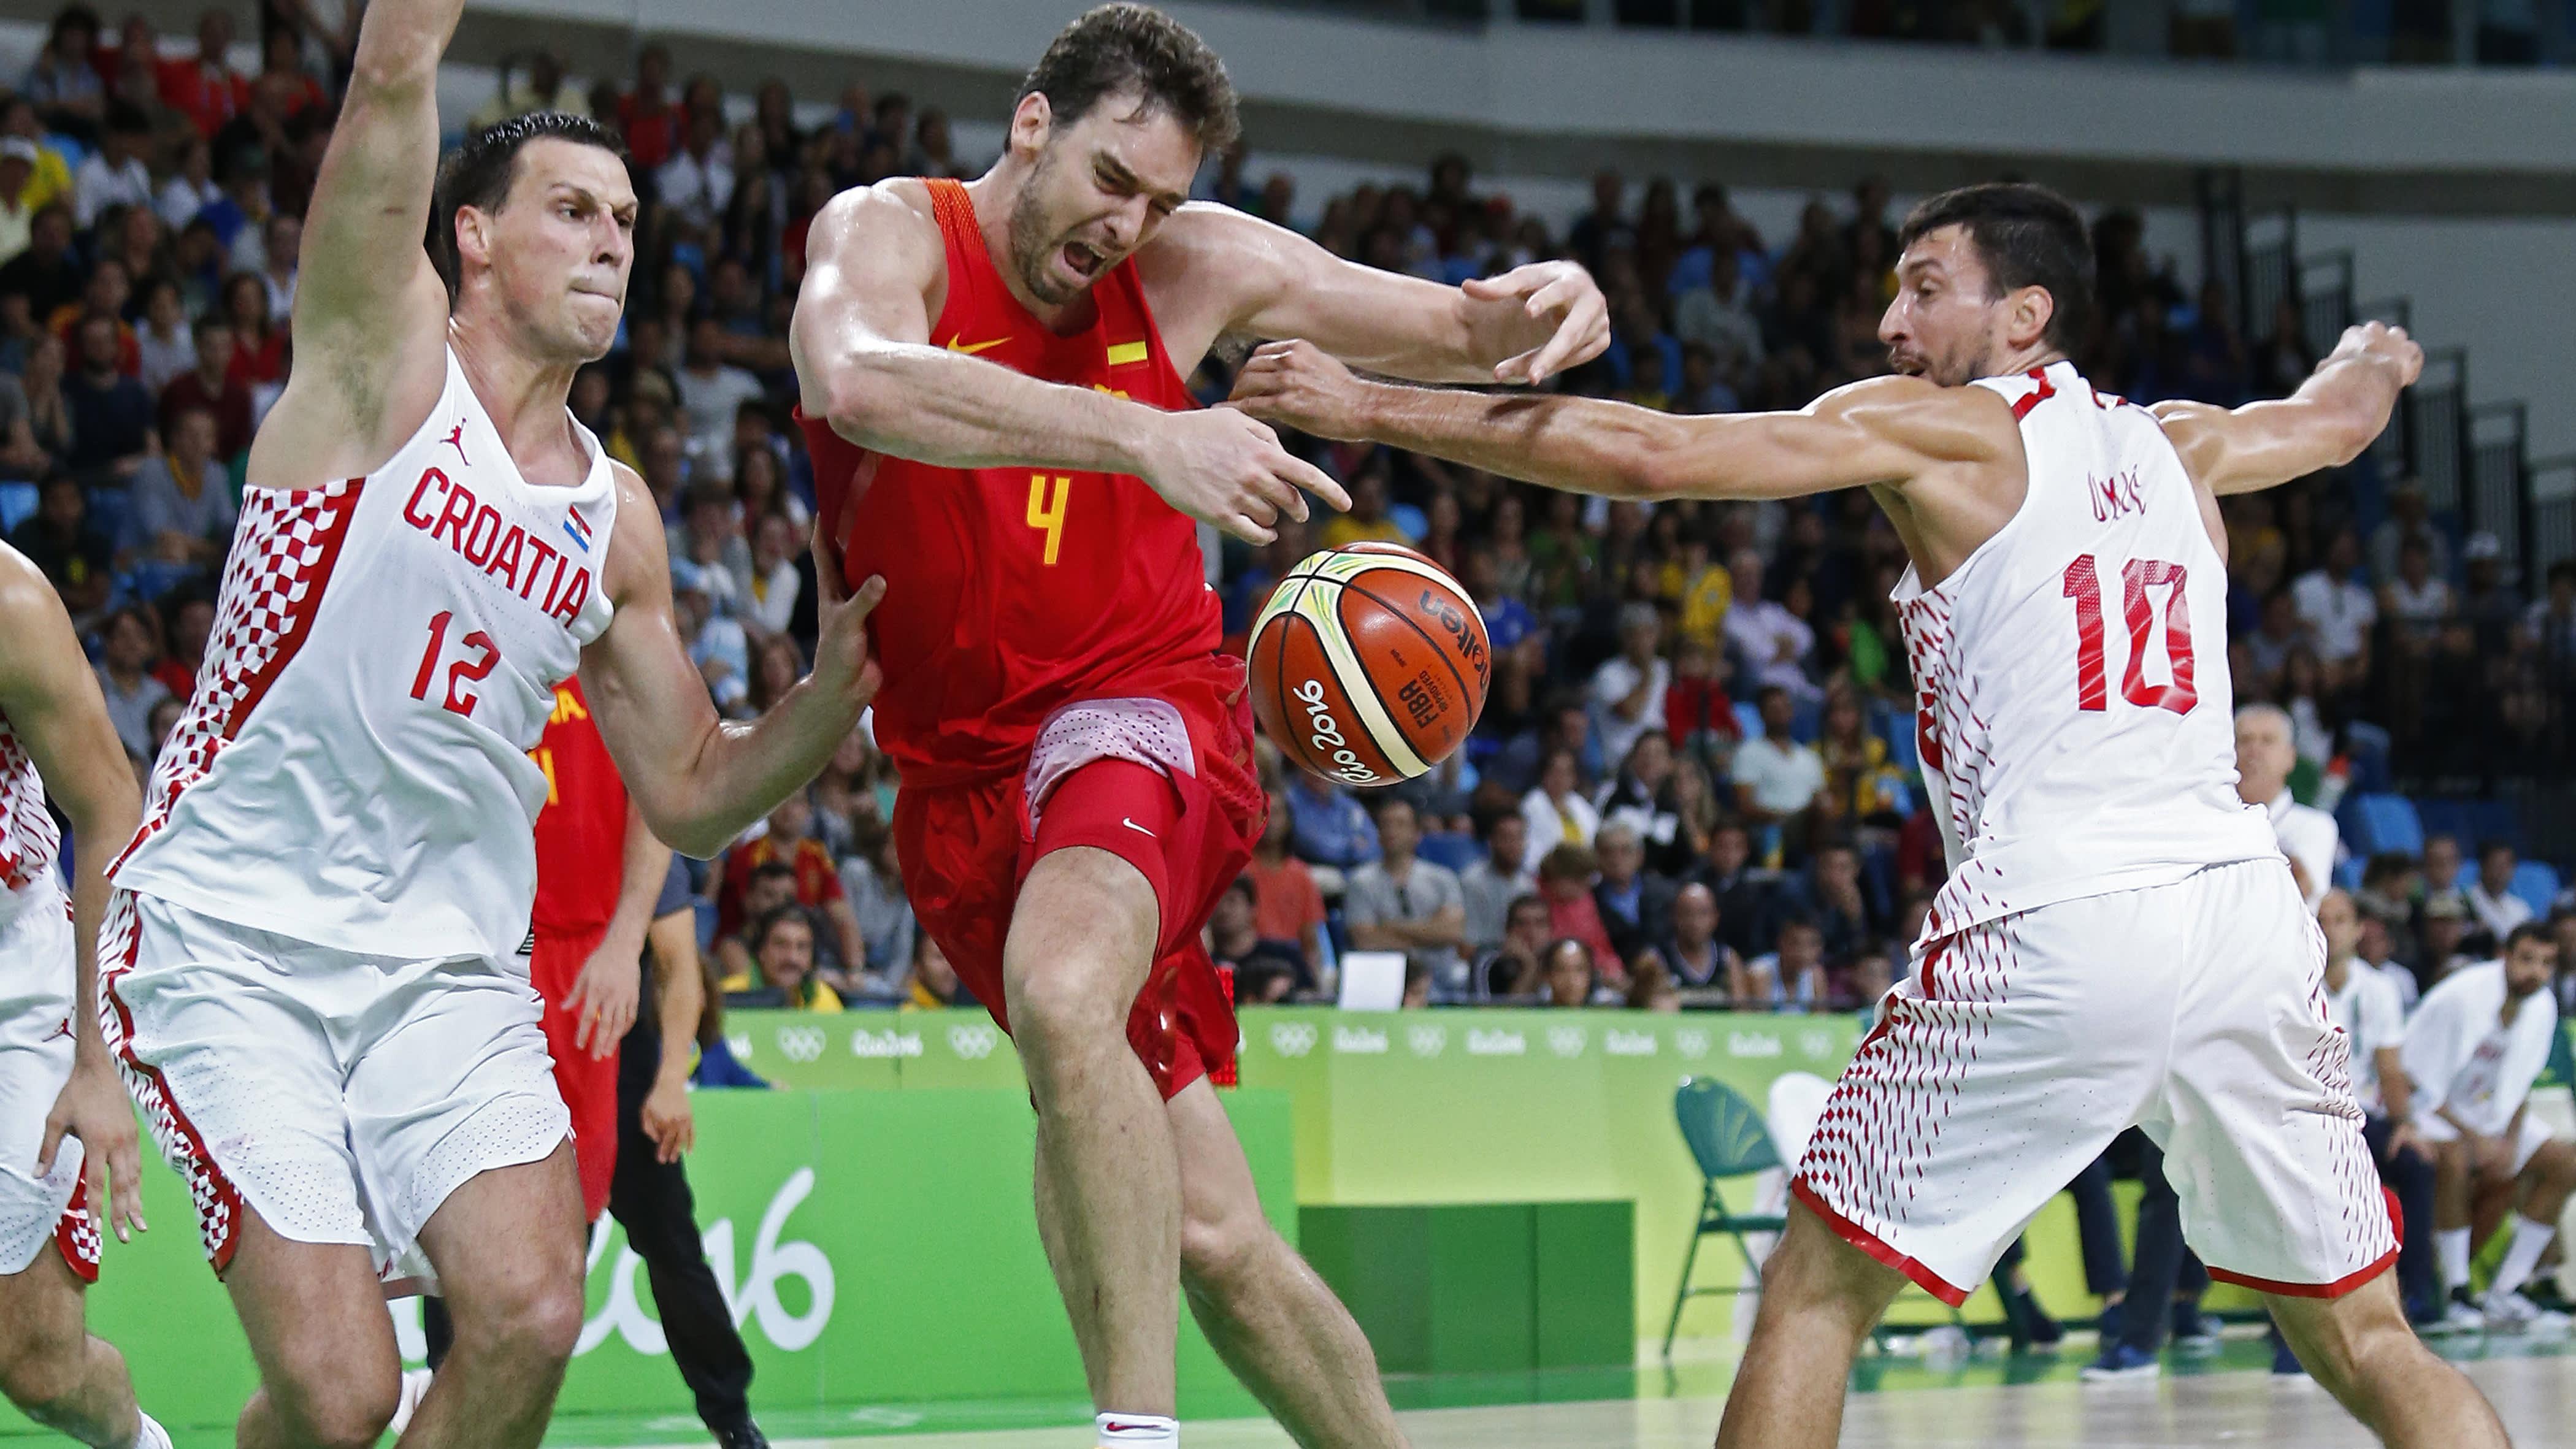 Rion olympialaiset: Kroatia koripallosensaatioon! Katso ottelun loppuhetket